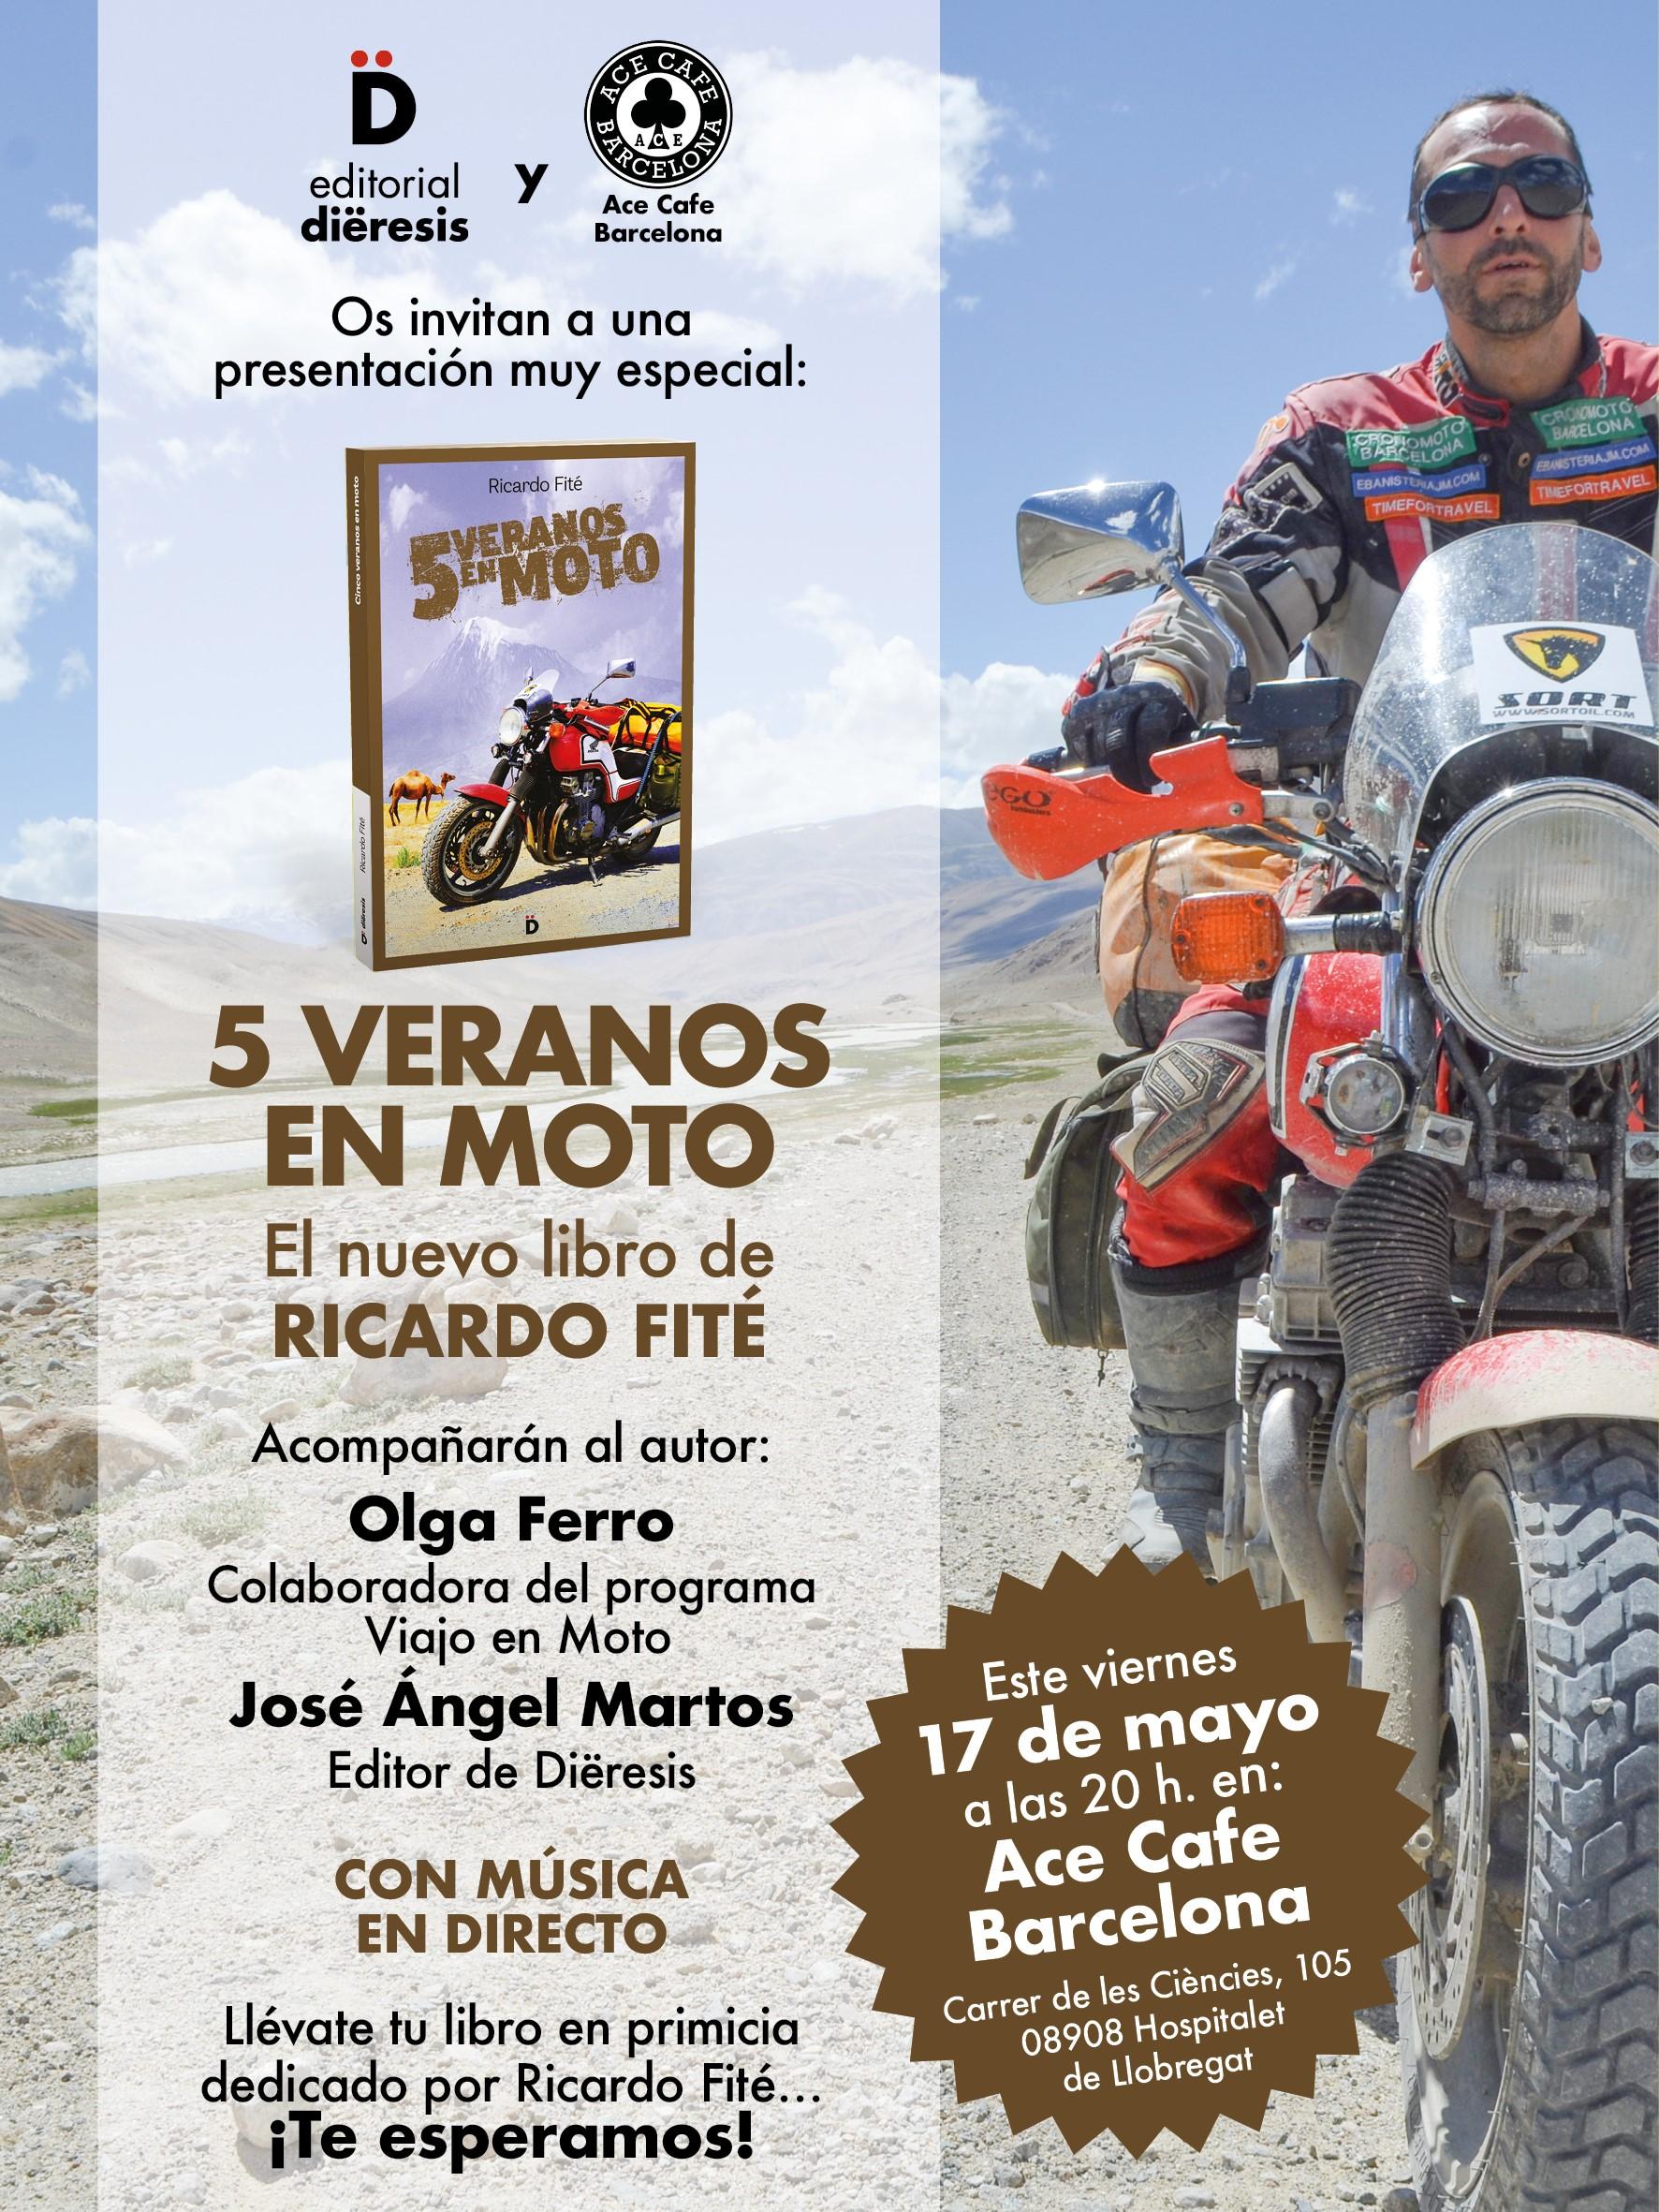 """Ven este viernes a la presentación de """"5 veranos en moto"""" en el Ace Cafe Barcelona"""